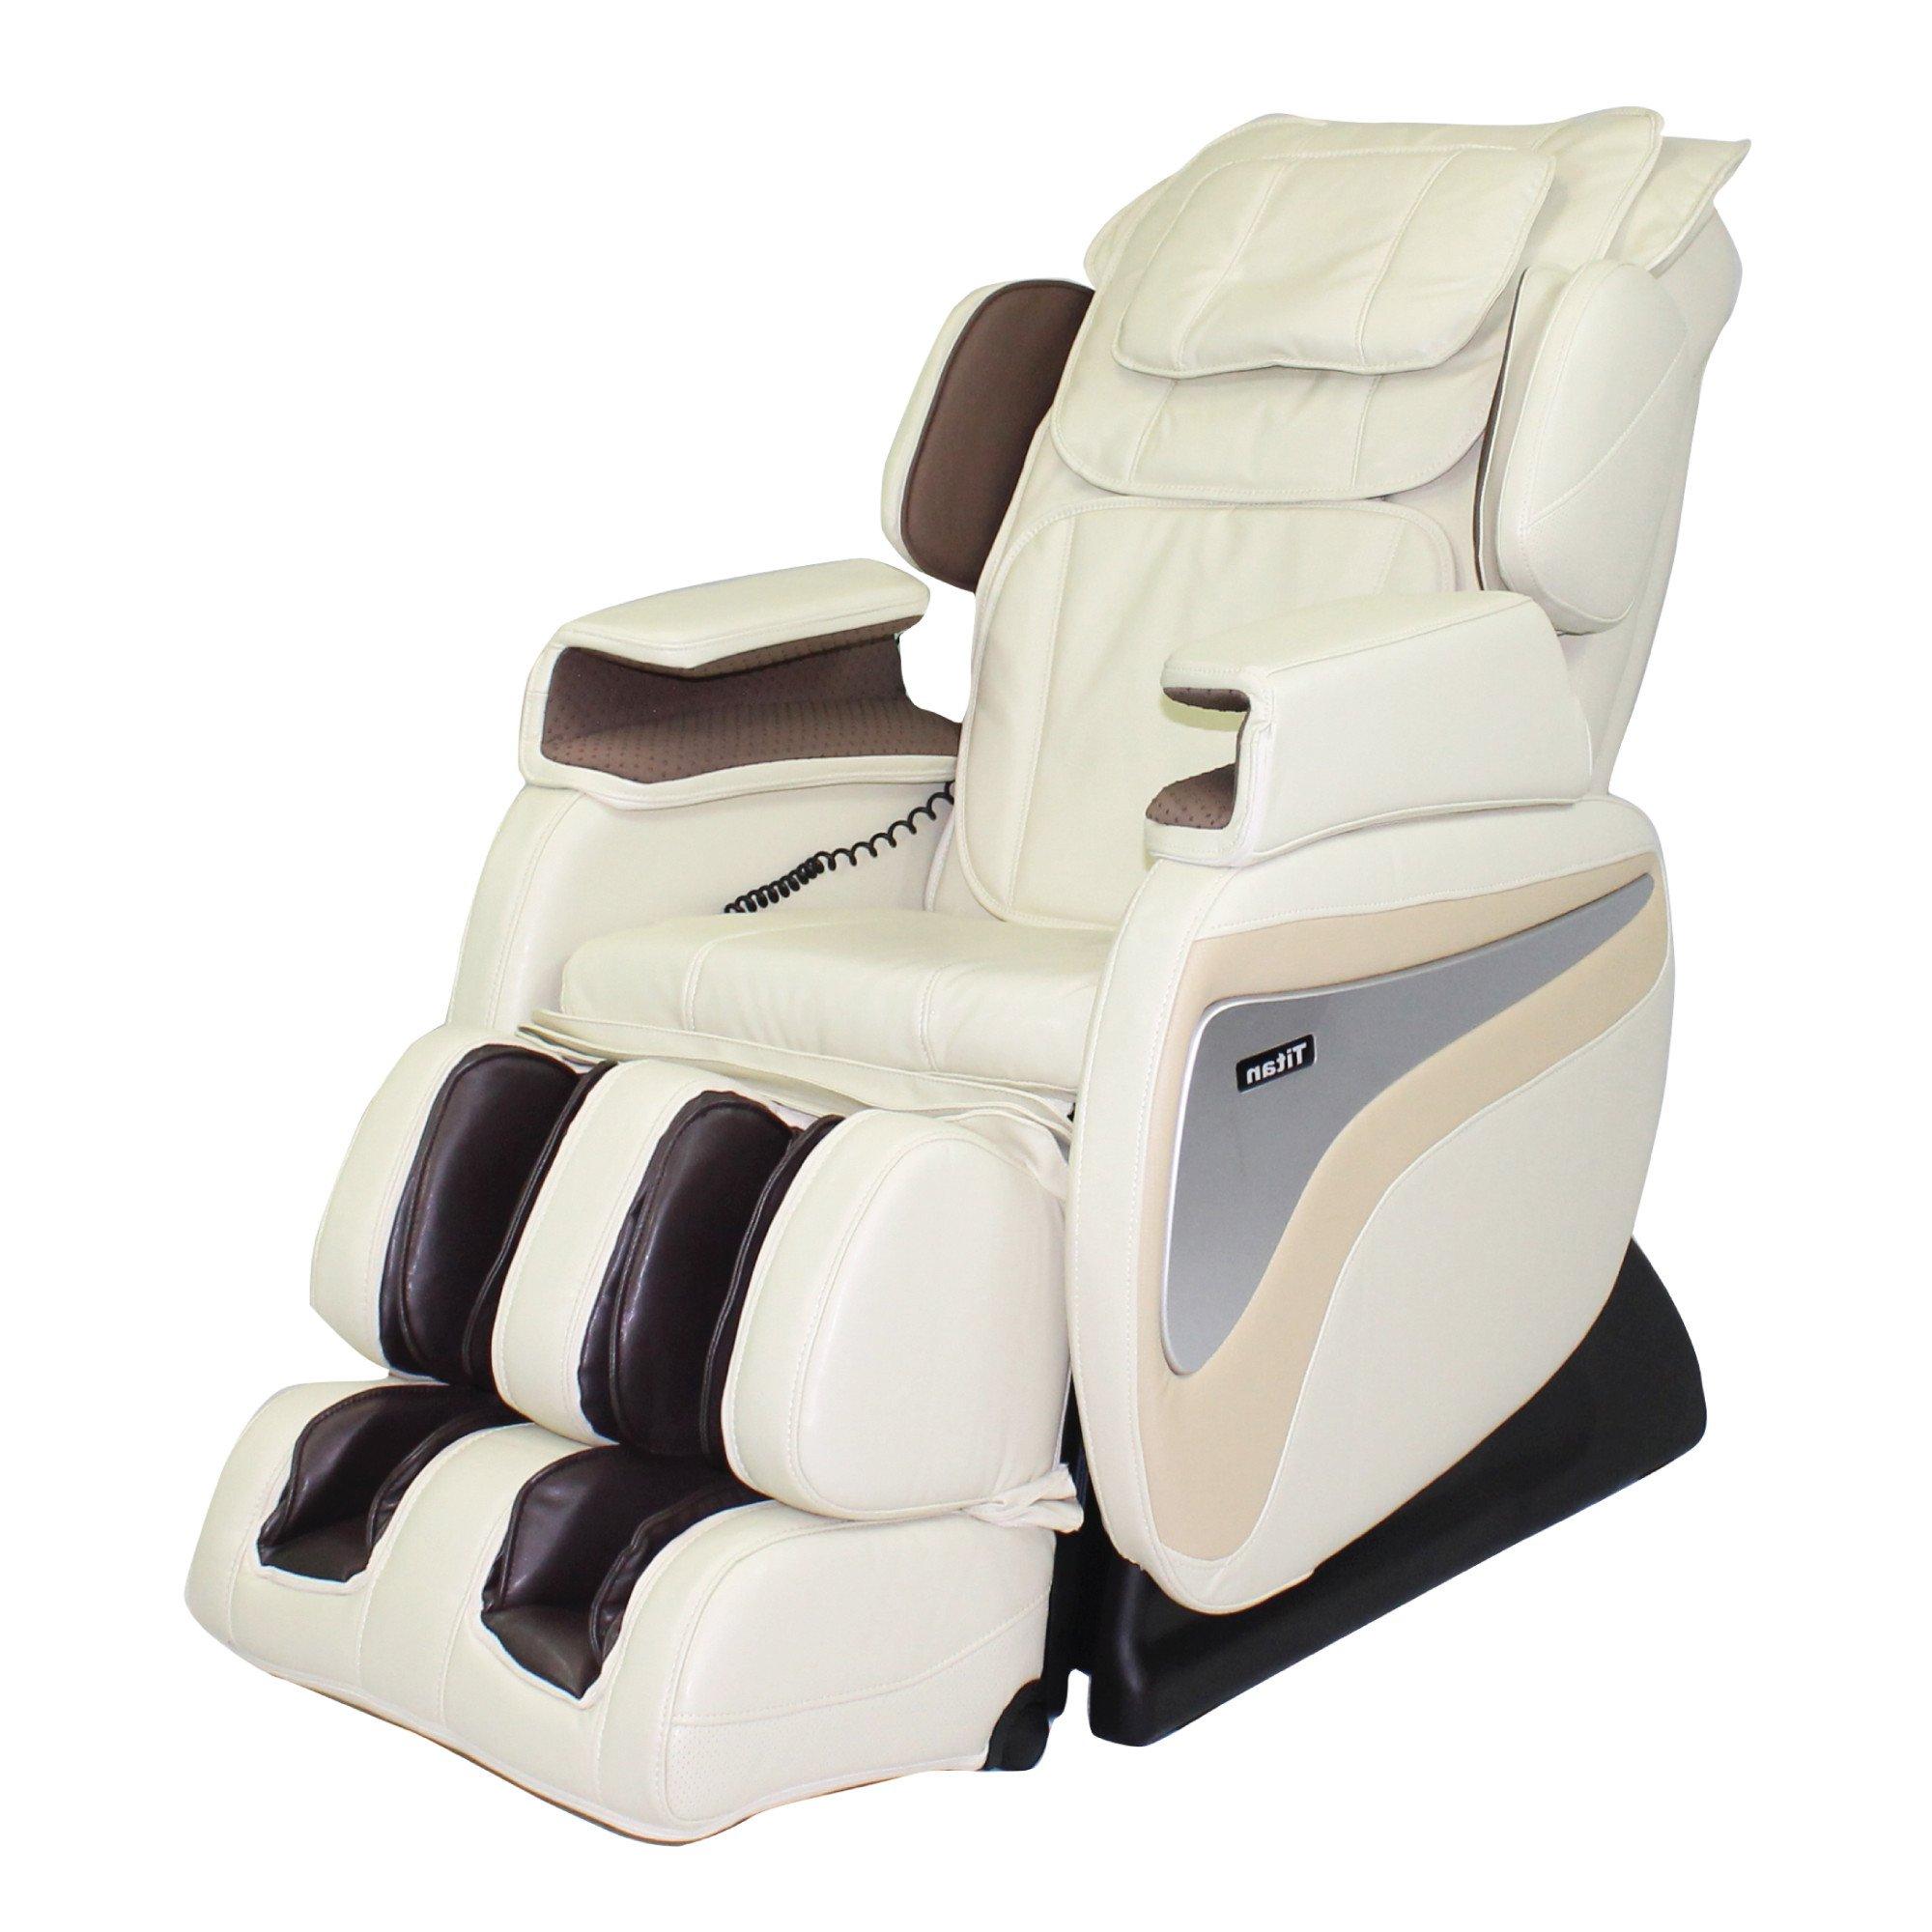 Titan TI-8700 Massage Chair - Cream - Front Angle View